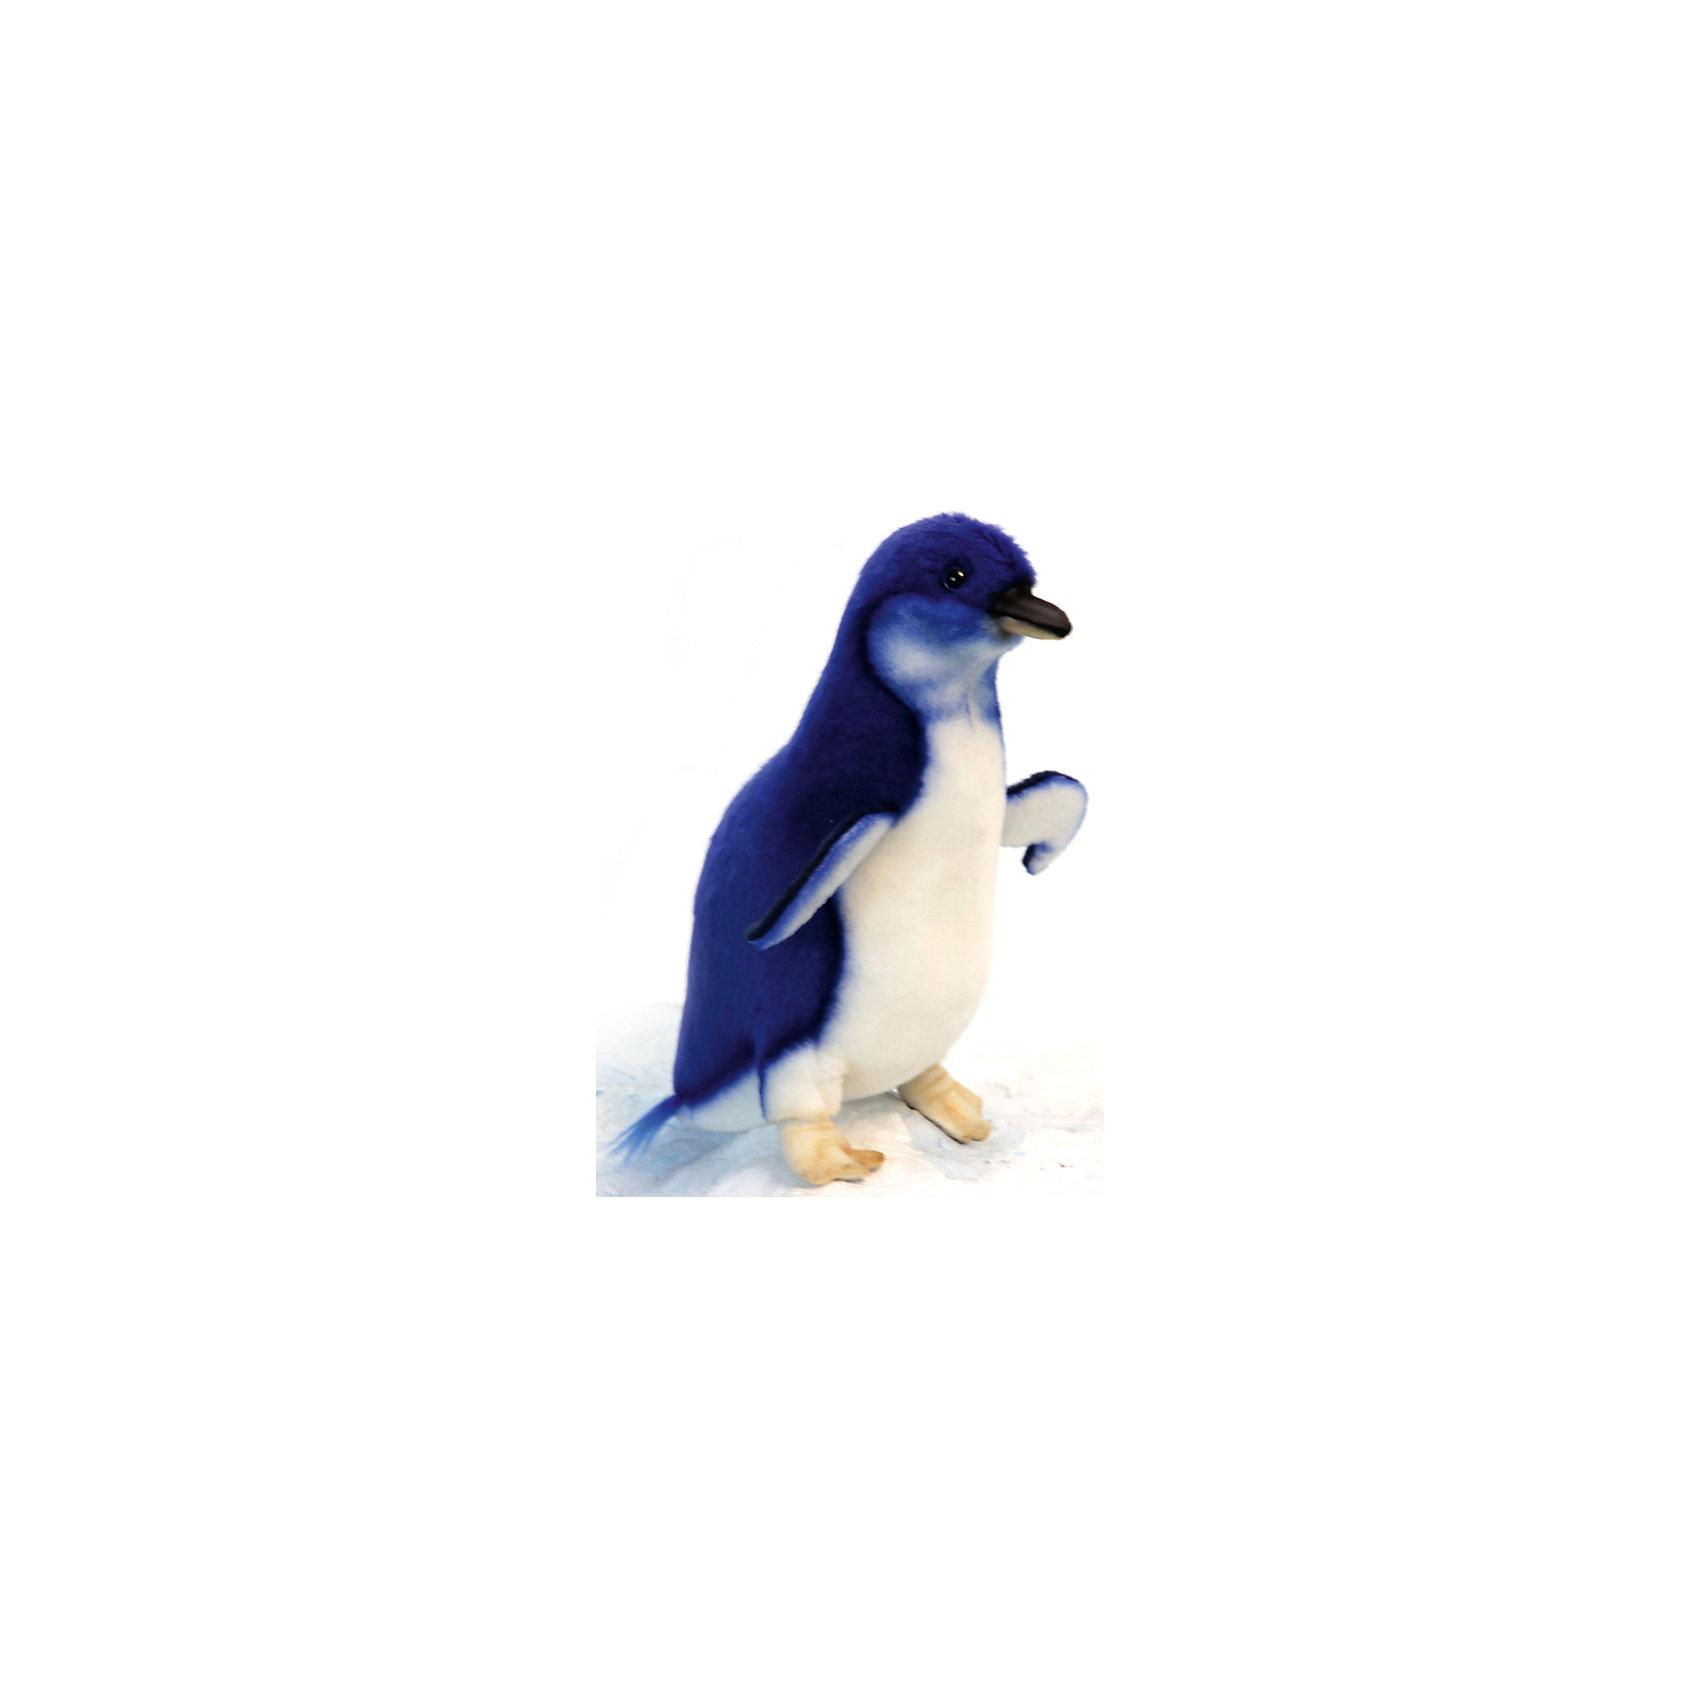 Пингвин, 20 смЗвери и птицы<br>Пингвин, 20 см – игрушка от знаменитого бренда Hansa, специализирующегося на выпуске мягких игрушек с высокой степенью натуралистичности. Внешний вид игрушки полностью соответствует своему реальному прототипу – малому (синему) пингвину. Он выполнен из искусственного меха с коротким ворсом. Окрас игрушки полностью повторяет окраску настоящей морской птицы: синяя спинка и белая грудка. Использованные материалы обладают гипоаллергенными свойствами. Внутри игрушки имеется металлический каркас, позволяющий изменять положение. <br>Игрушка относится к серии Дикие животные. <br>Мягкие игрушки от Hansa подходят для сюжетно-ролевых игр, для обучающих игр, направленных на знакомство с животным миром дикой природы. Кроме того, их можно использовать в качестве интерьерных игрушек. Коллекция из нескольких игрушек позволяет создать свой домашний зоопарк, который будет радовать вашего ребенка долгое время, так как ручная работа и качественные материалы гарантируют их долговечность и прочность.<br><br>Дополнительная информация:<br><br>- Вид игр: сюжетно-ролевые игры, коллекционирование, интерьерные игрушки<br>- Предназначение: для дома, для детских развивающих центров, для детских садов<br>- Материал: искусственный мех, наполнитель ? полиэфирное волокно<br>- Размер (ДхШхВ): 18*20*11 см<br>- Вес: 900 г<br>- Особенности ухода: сухая чистка при помощи пылесоса или щетки для одежды<br><br>Подробнее:<br><br>• Для детей в возрасте: от 3 лет <br>• Страна производитель: Филиппины<br>• Торговый бренд: Hansa<br><br>Пингвина, 20 см можно купить в нашем интернет-магазине.<br><br>Ширина мм: 18<br>Глубина мм: 20<br>Высота мм: 11<br>Вес г: 900<br>Возраст от месяцев: 36<br>Возраст до месяцев: 2147483647<br>Пол: Унисекс<br>Возраст: Детский<br>SKU: 4927218